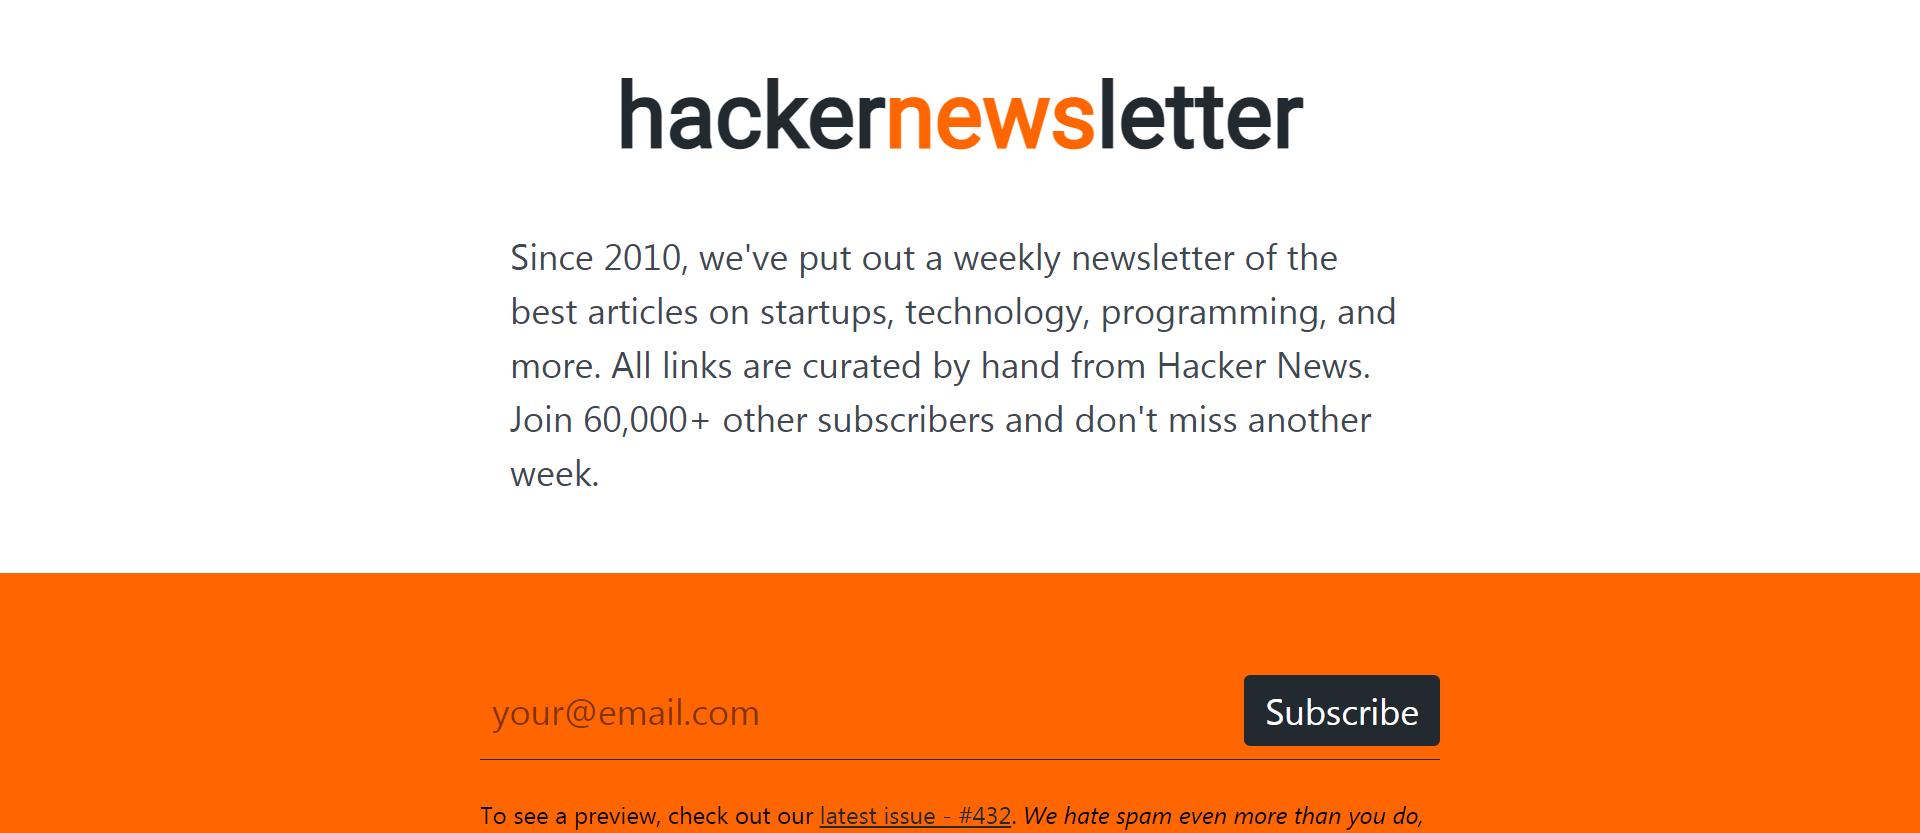 hackernewsletter signup form